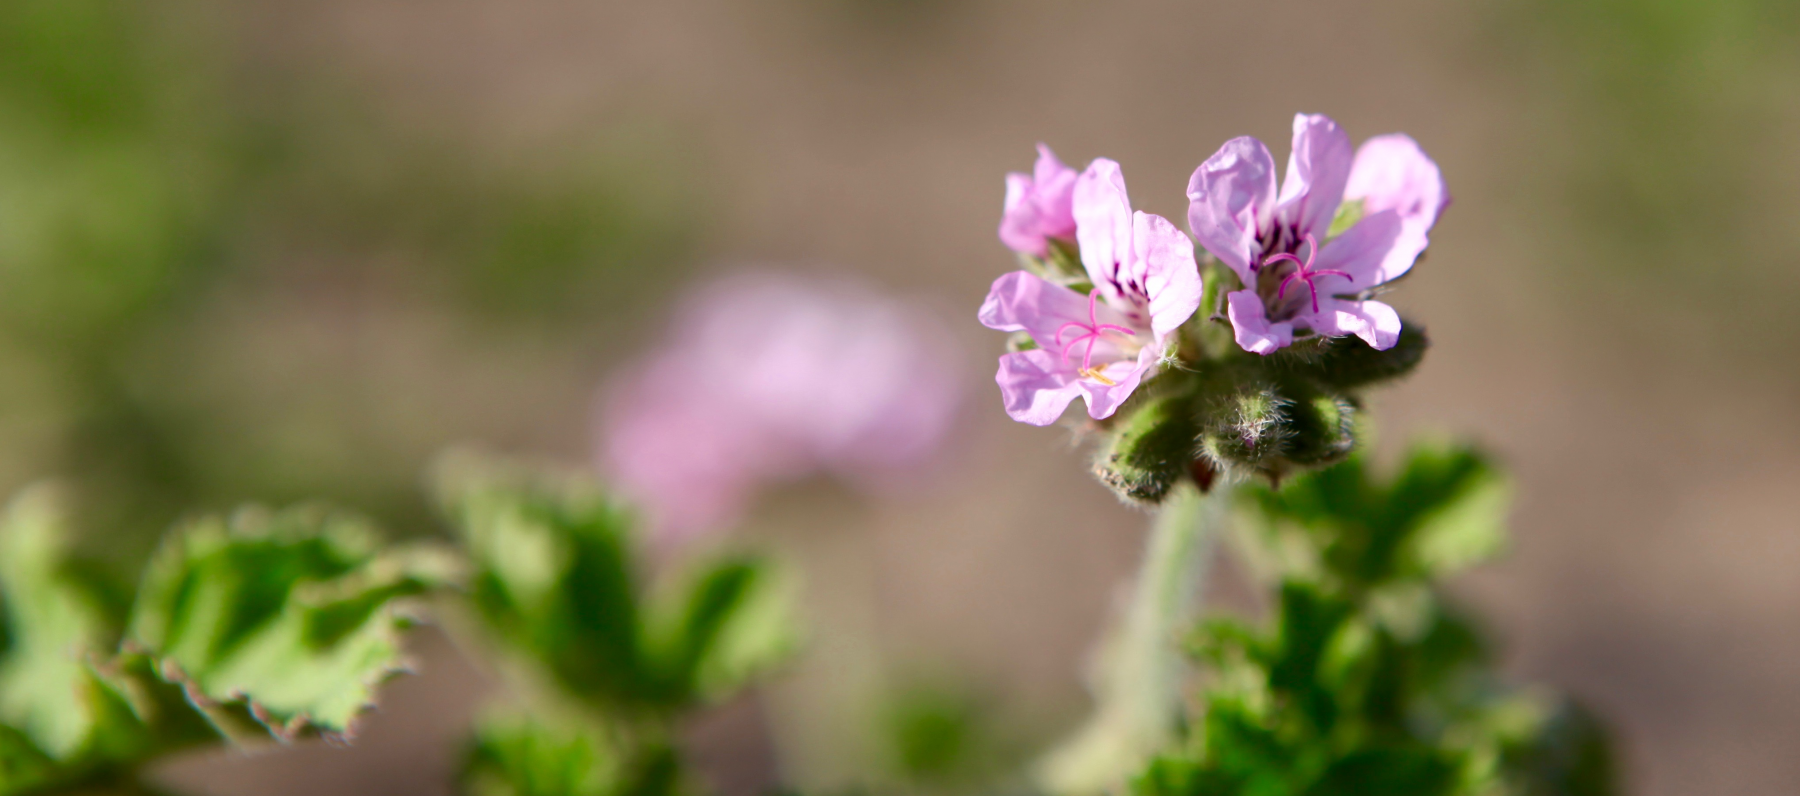 L'huile essentielle de géranium rosat, pour embellir et soigner votre peau